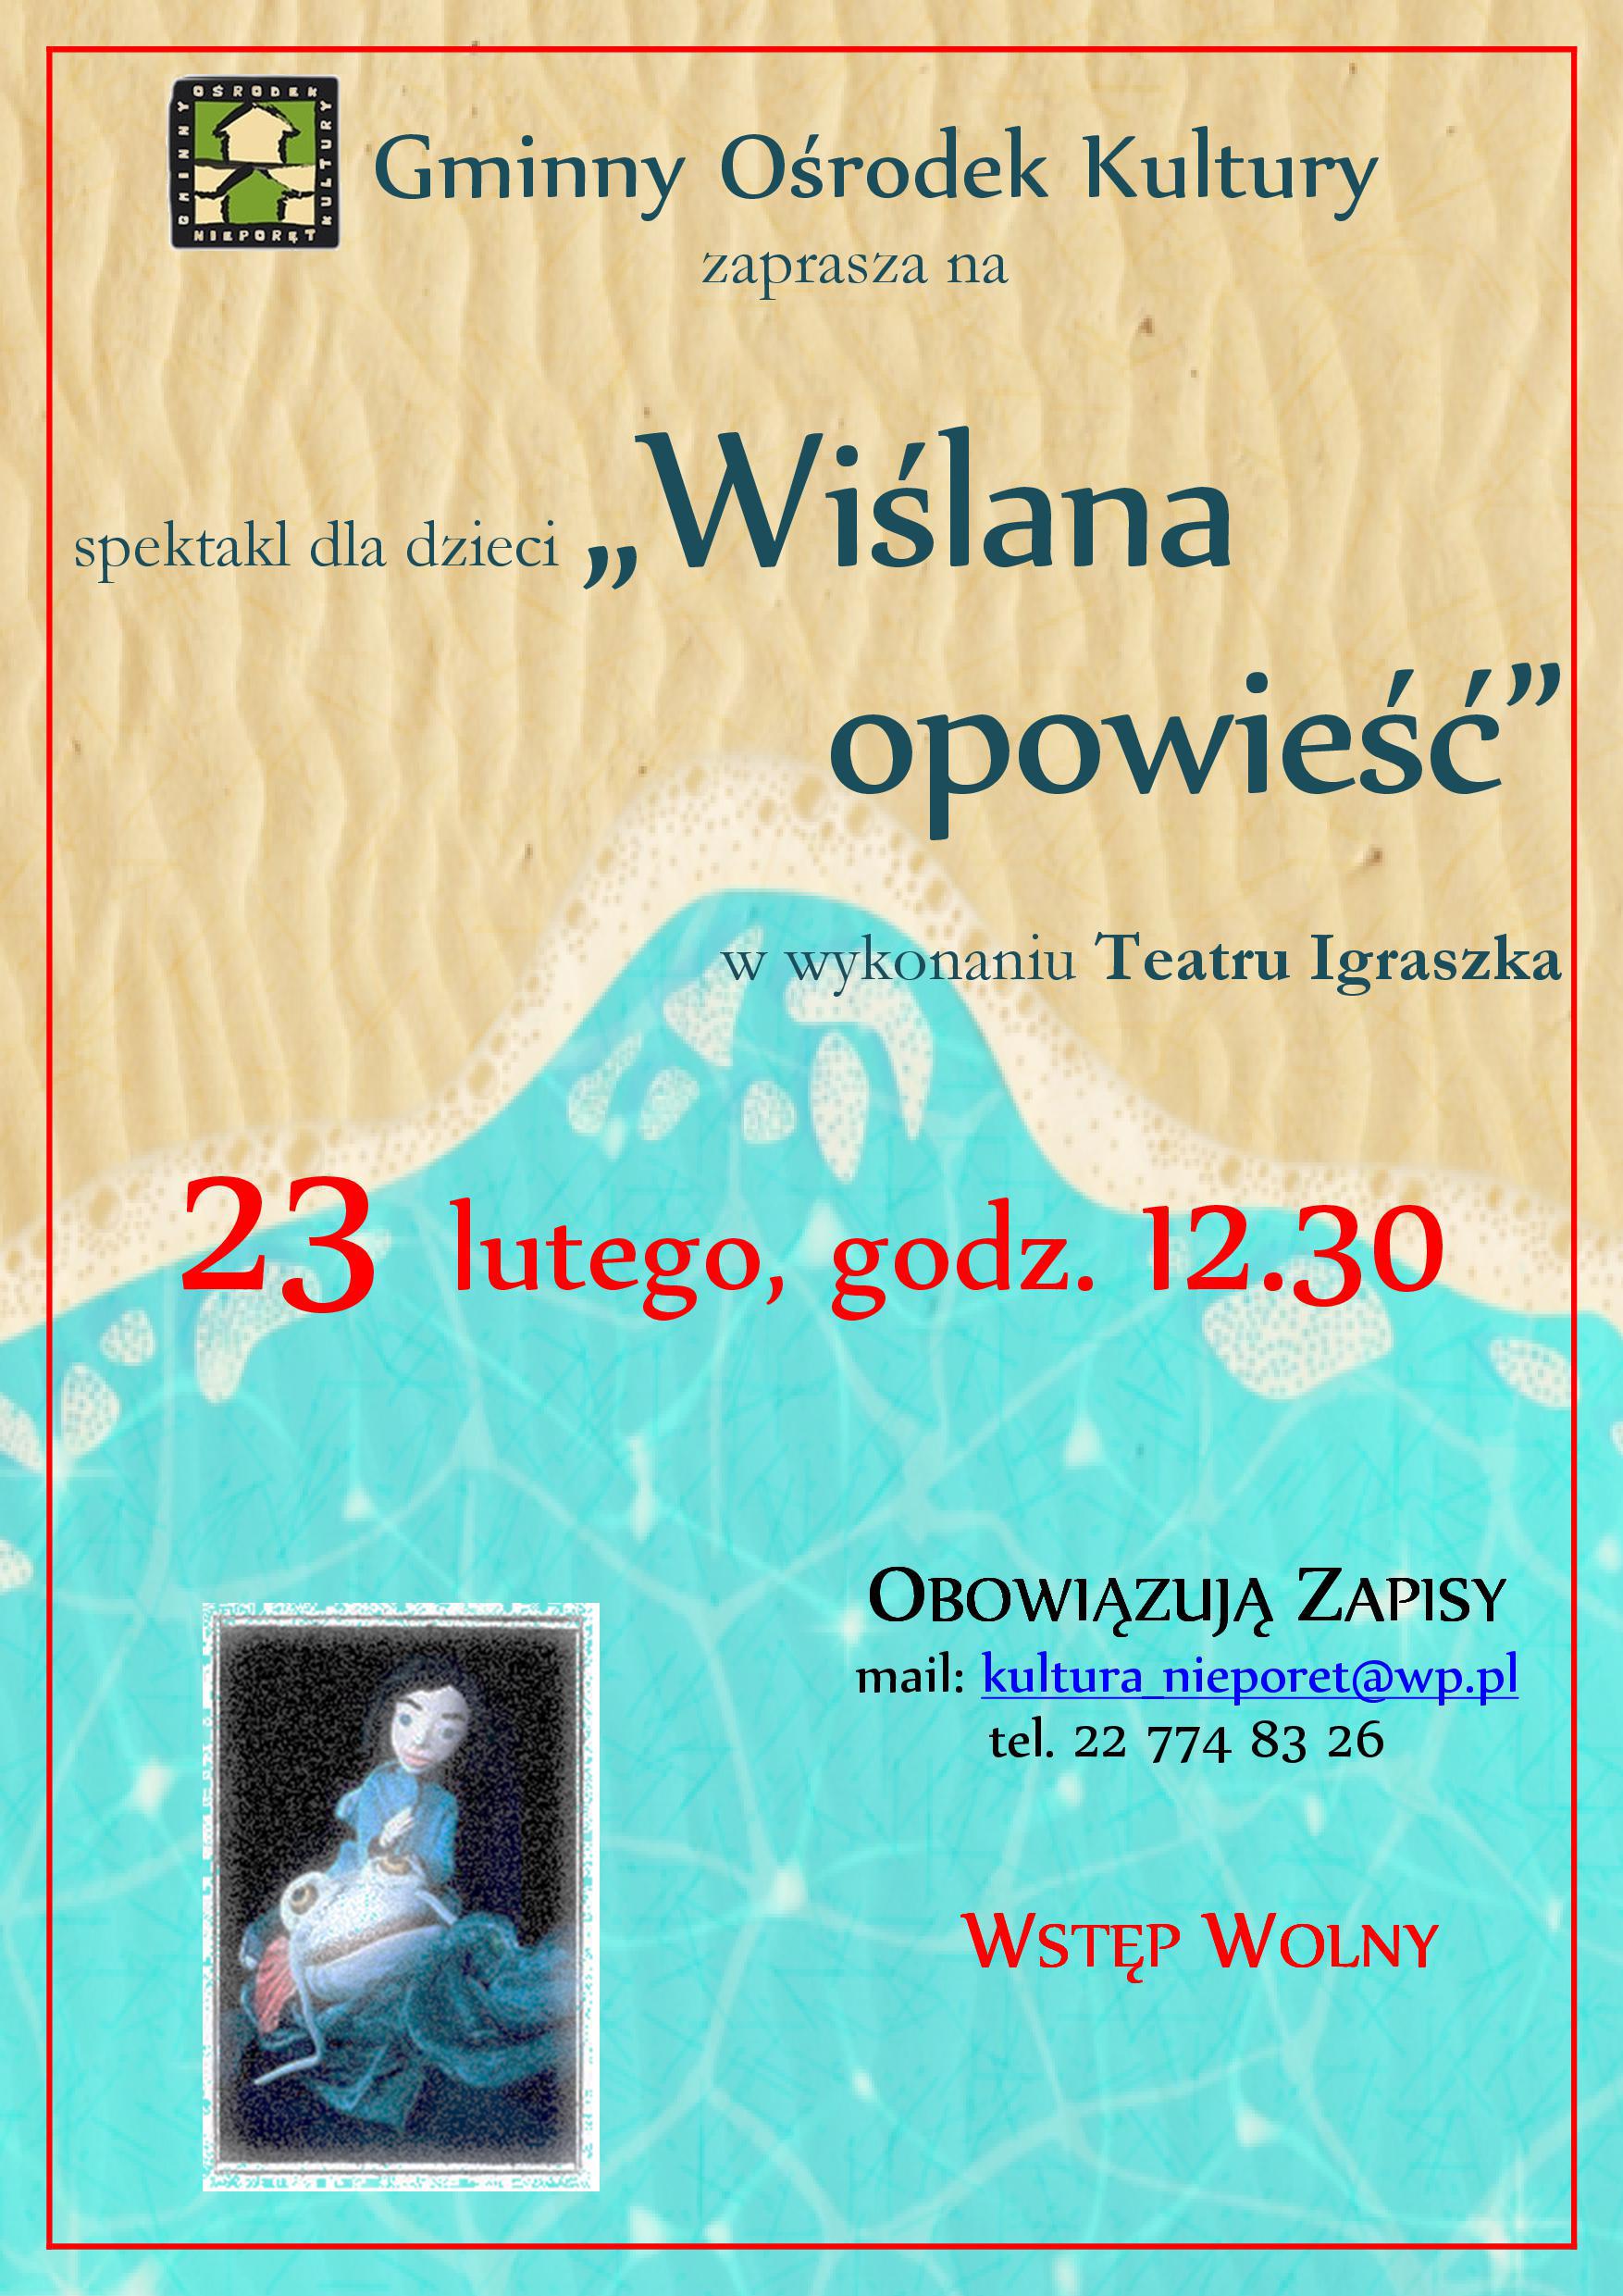 wislana_opowiesc_plakat_02